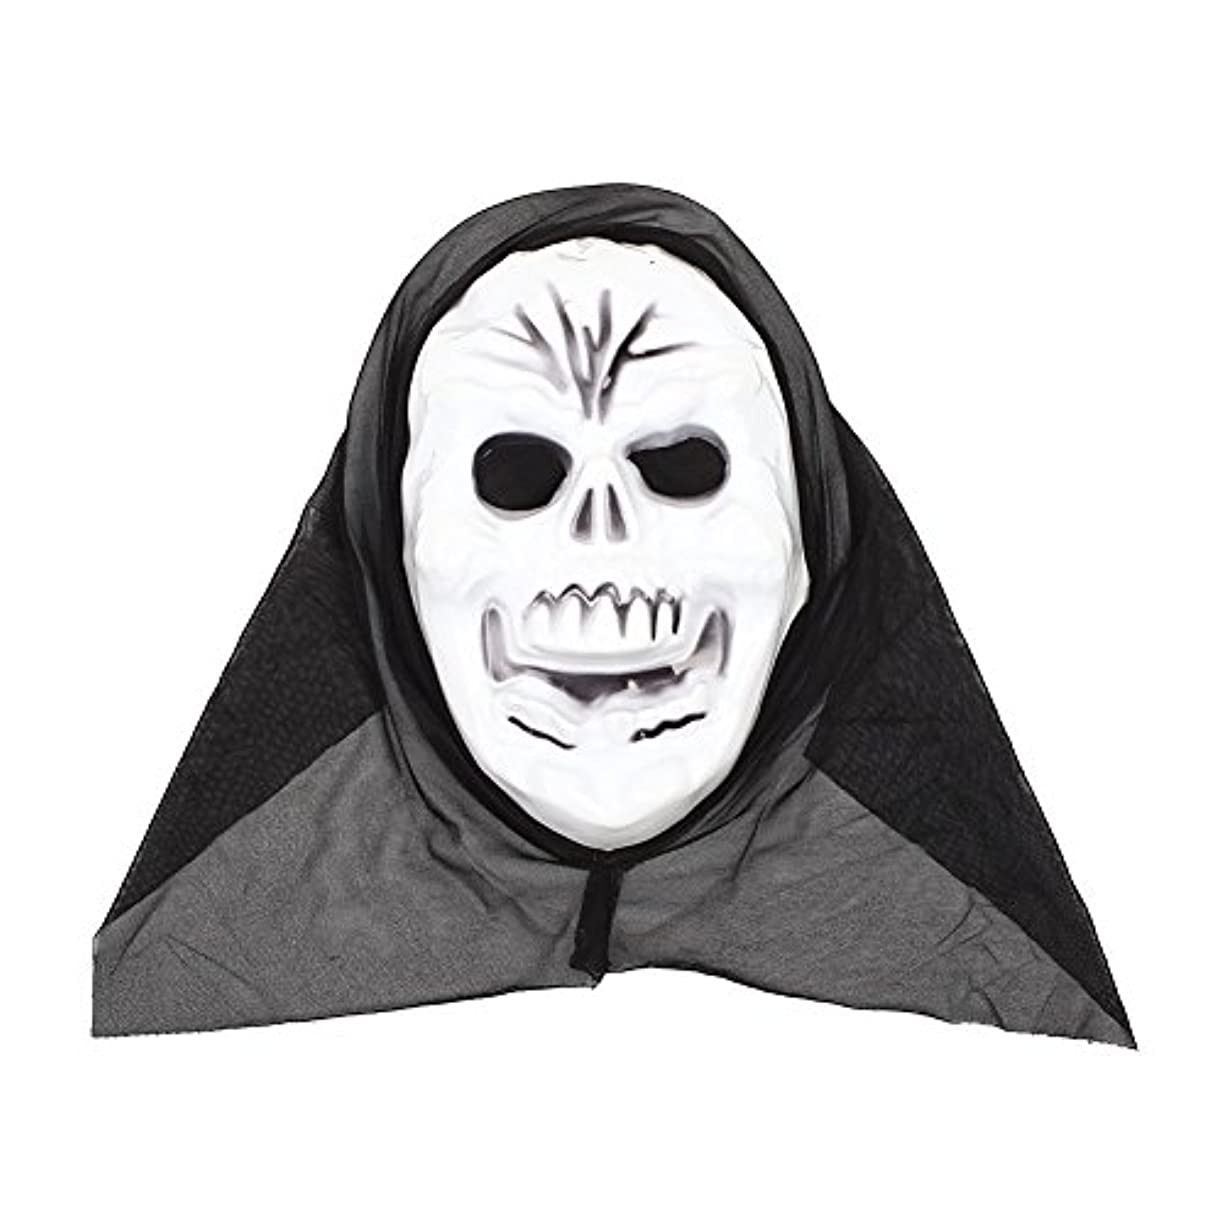 サージ健康的石灰岩Auntwhale ハロウィンマスク大人恐怖コスチューム、スクリームファンシーマスカレードパーティーハロウィンマスク、フェスティバル通気性ギフトヘッドマスク